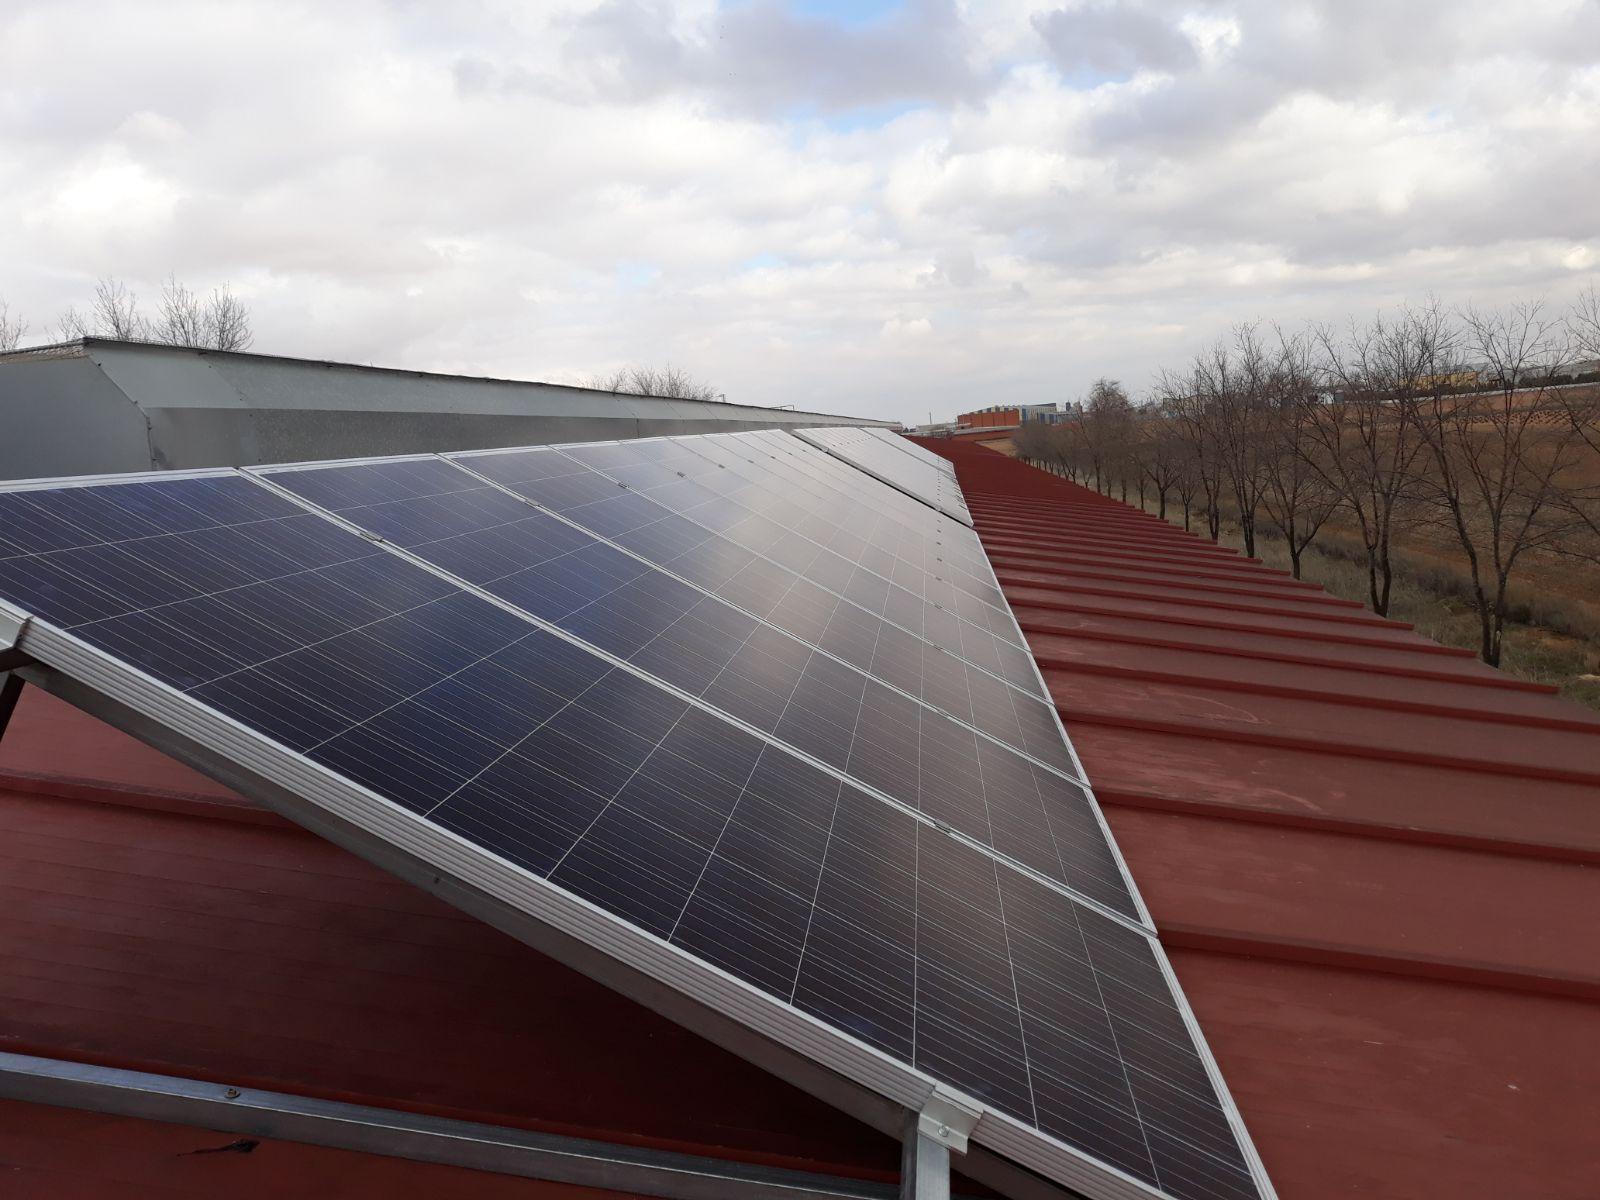 Fotovoltaica en granja aviar 2